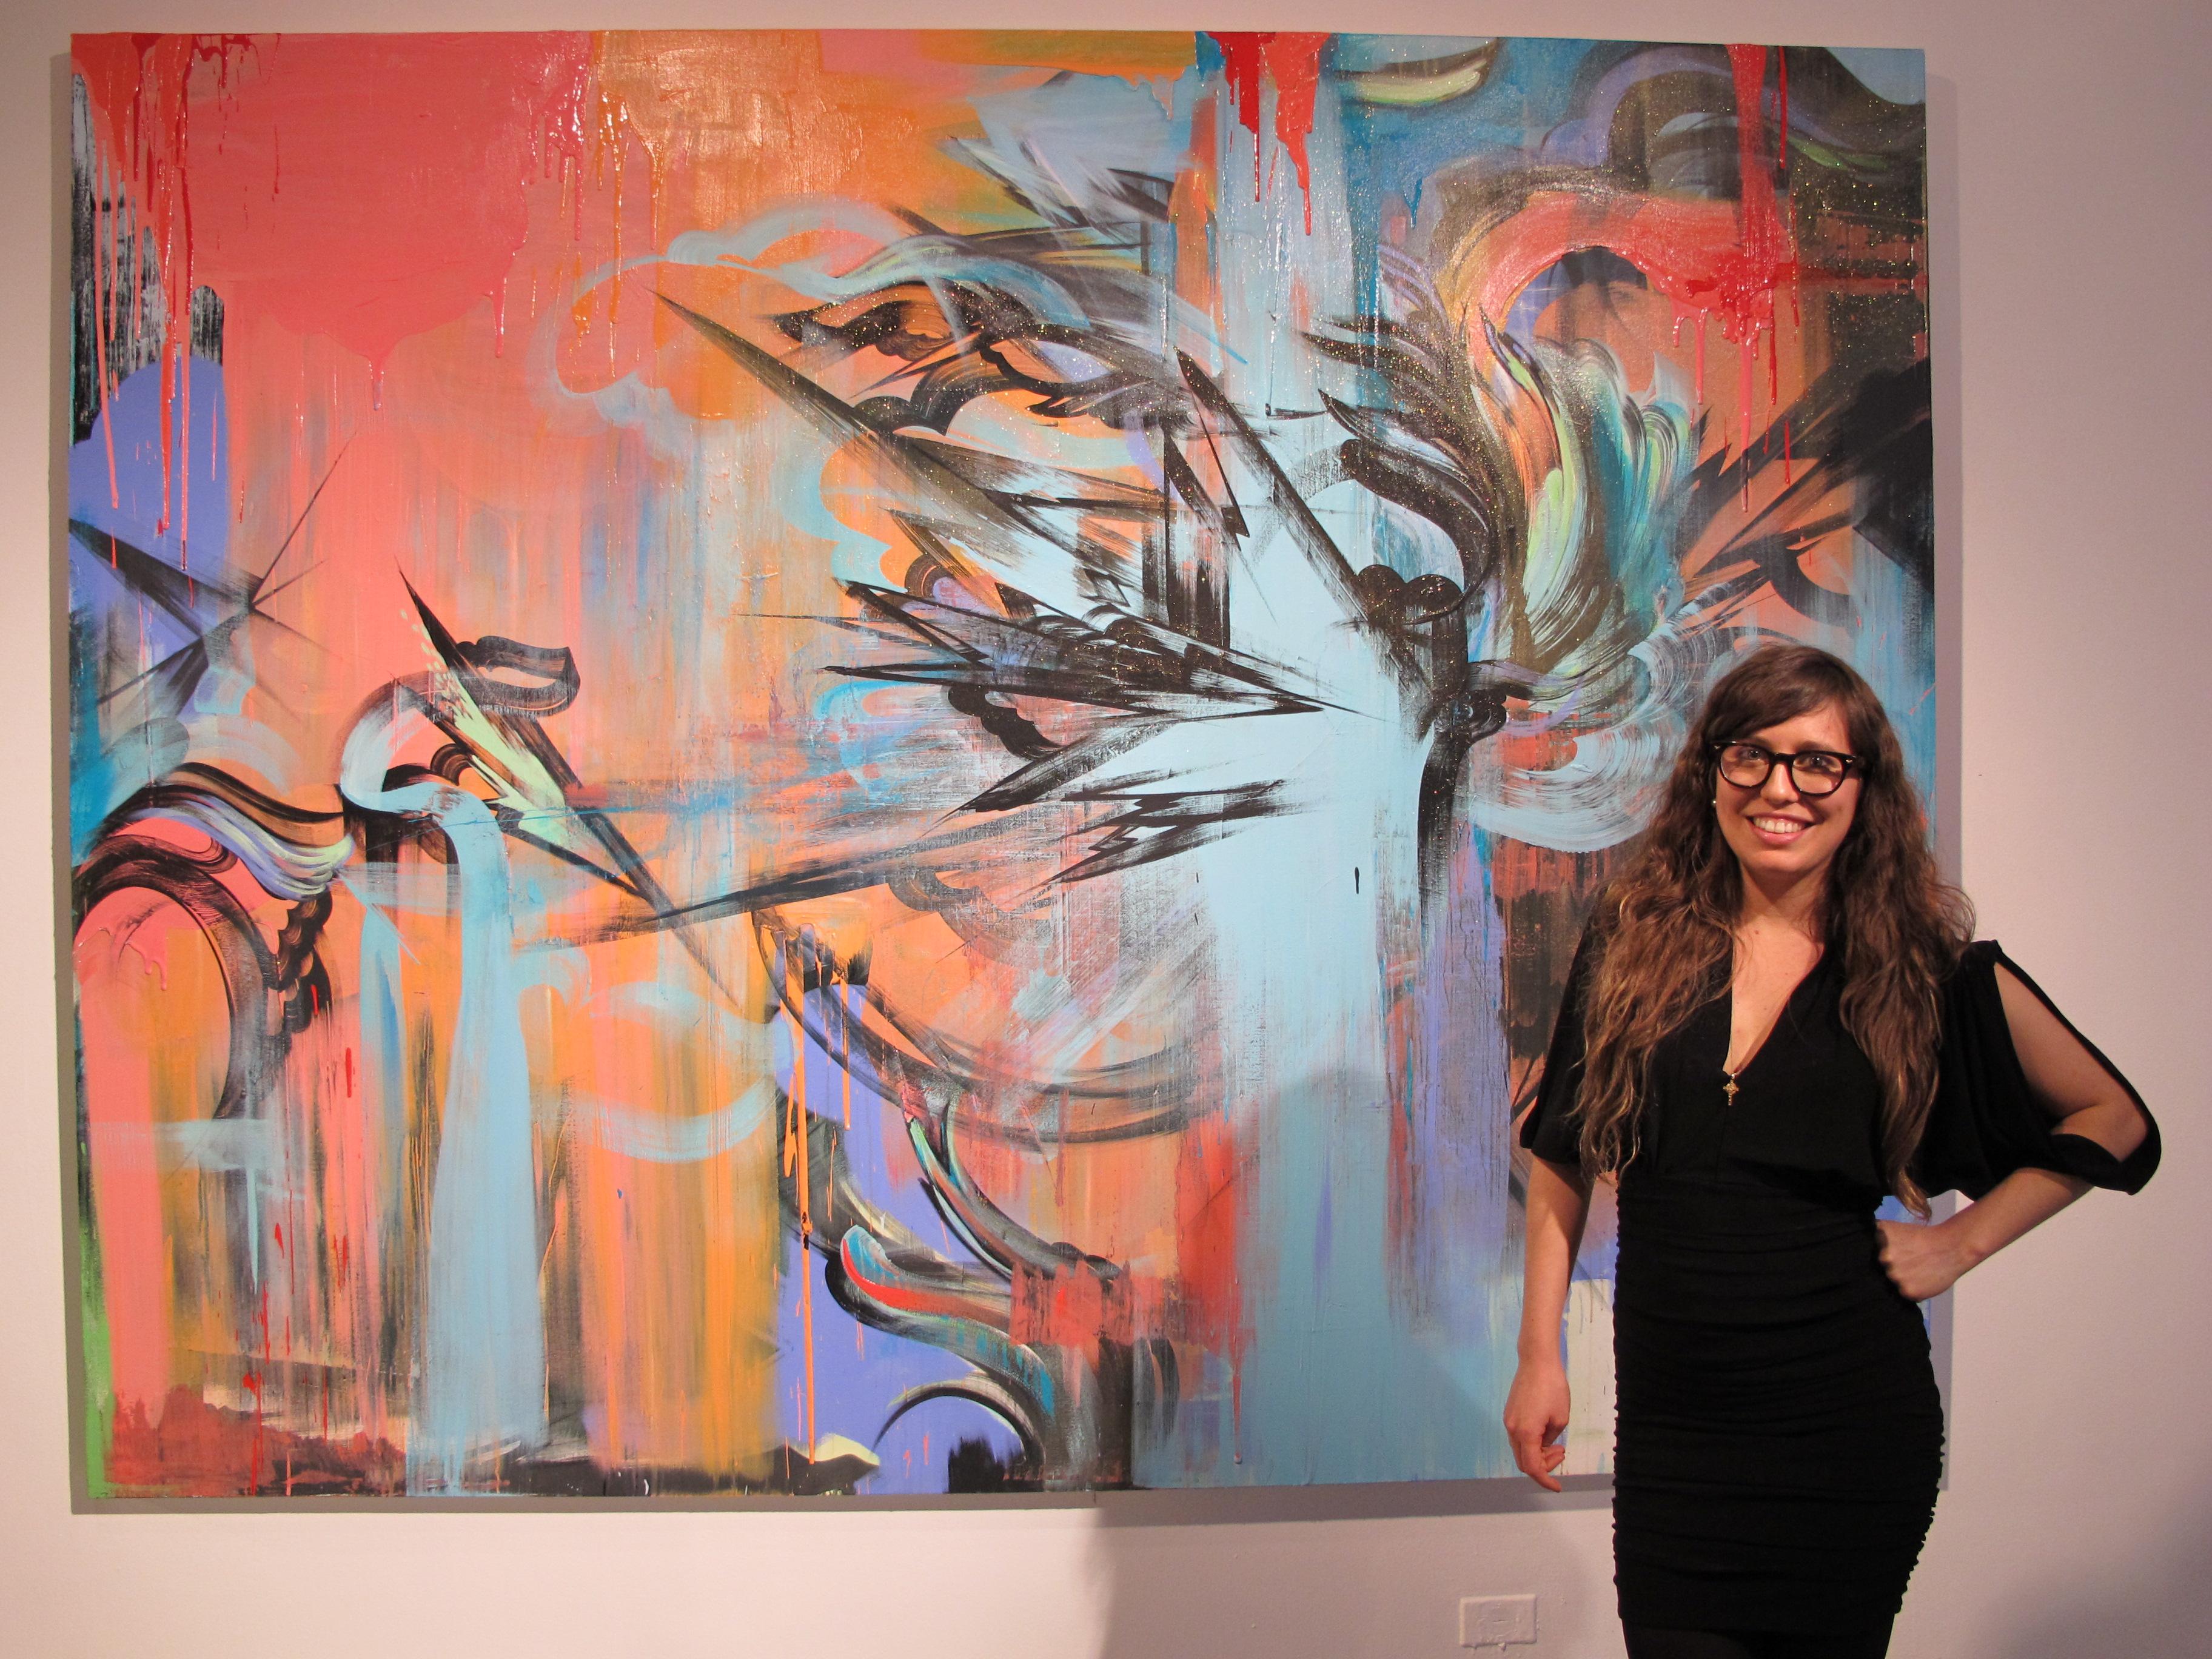 Artist Sofia Maldonado